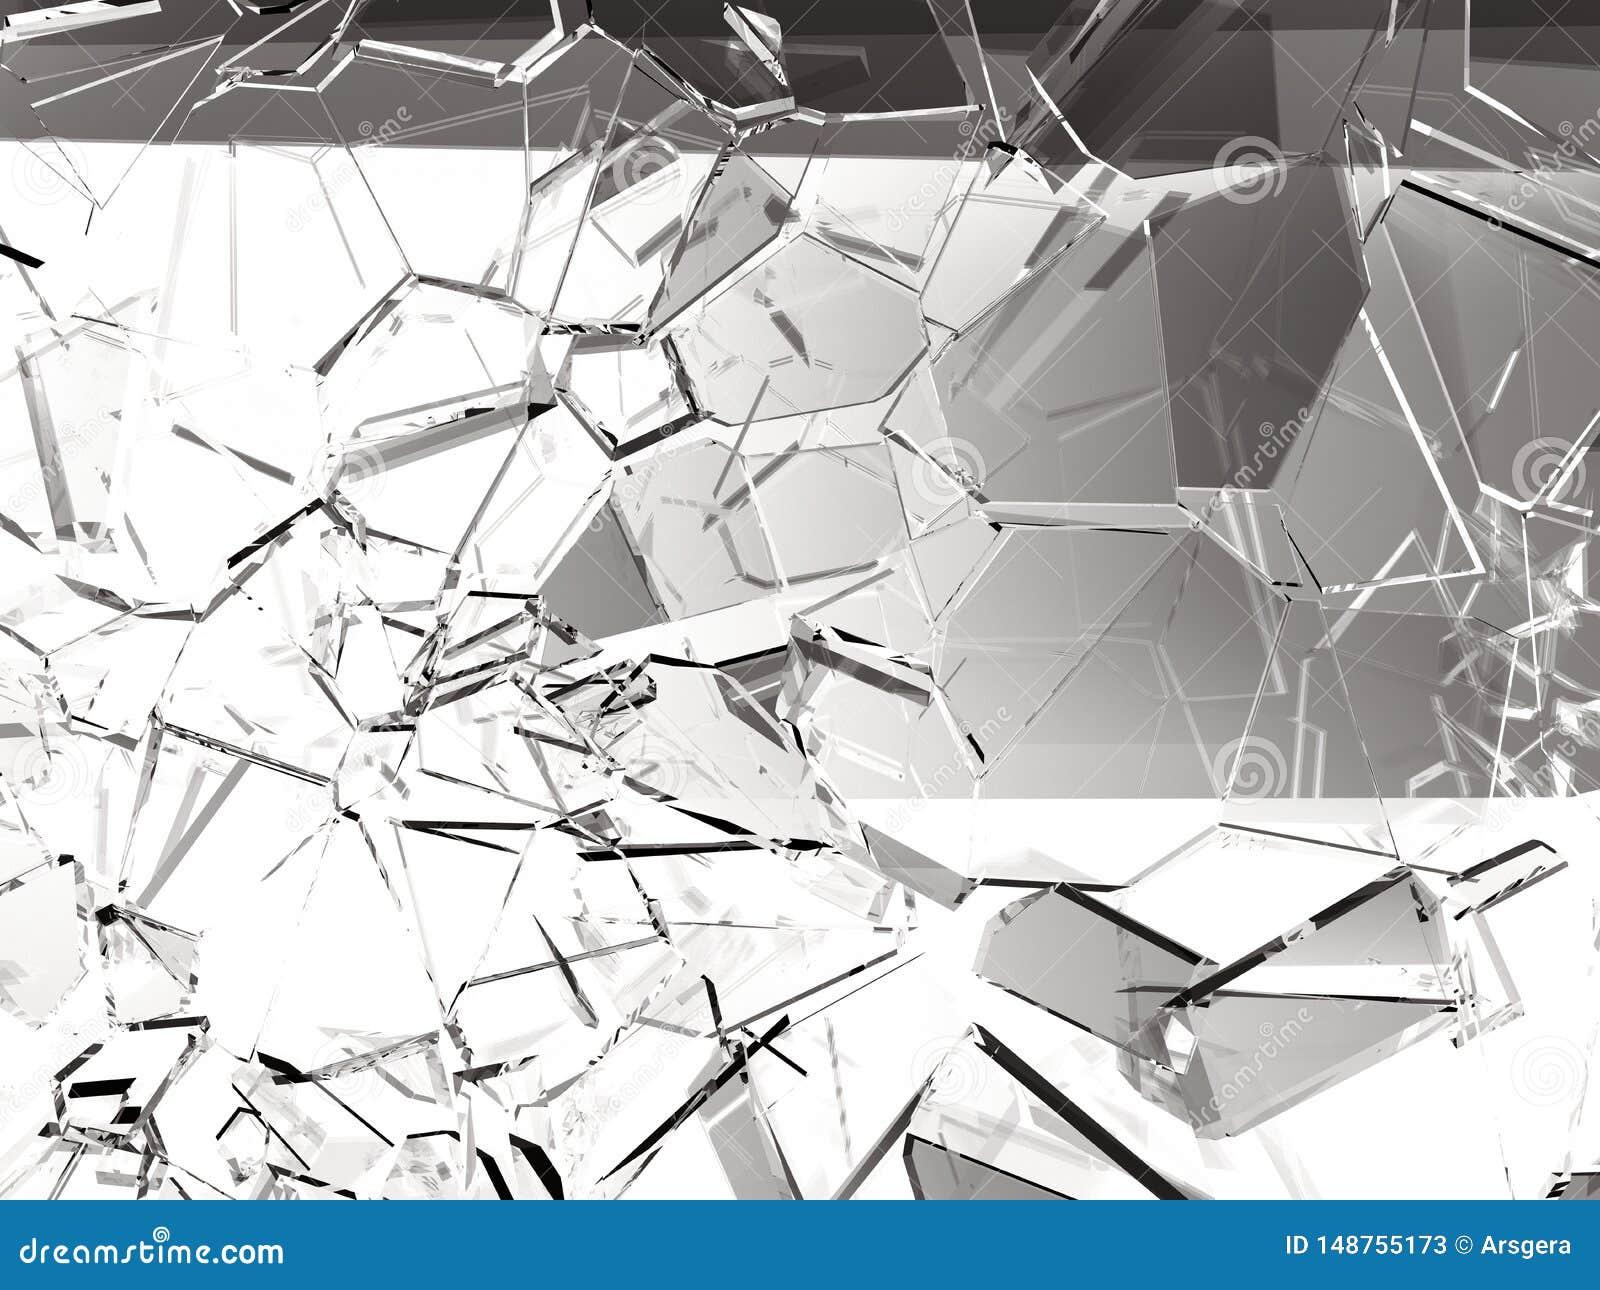 Glasplatten defekt oder gebrochen